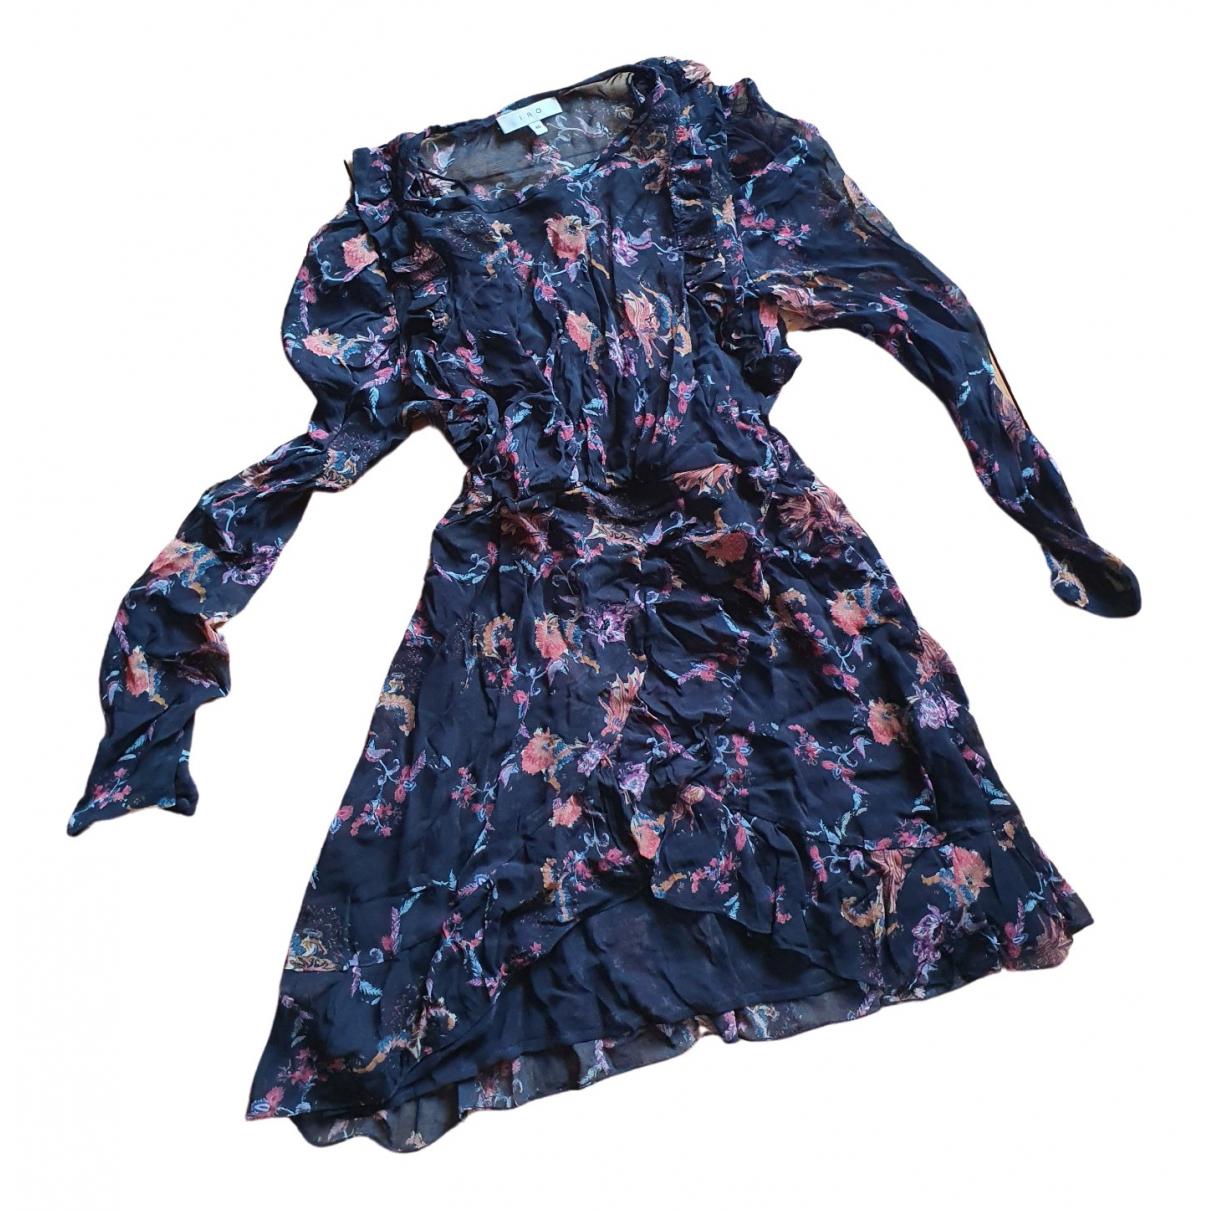 Iro \N Kleid in  Blau Polyester